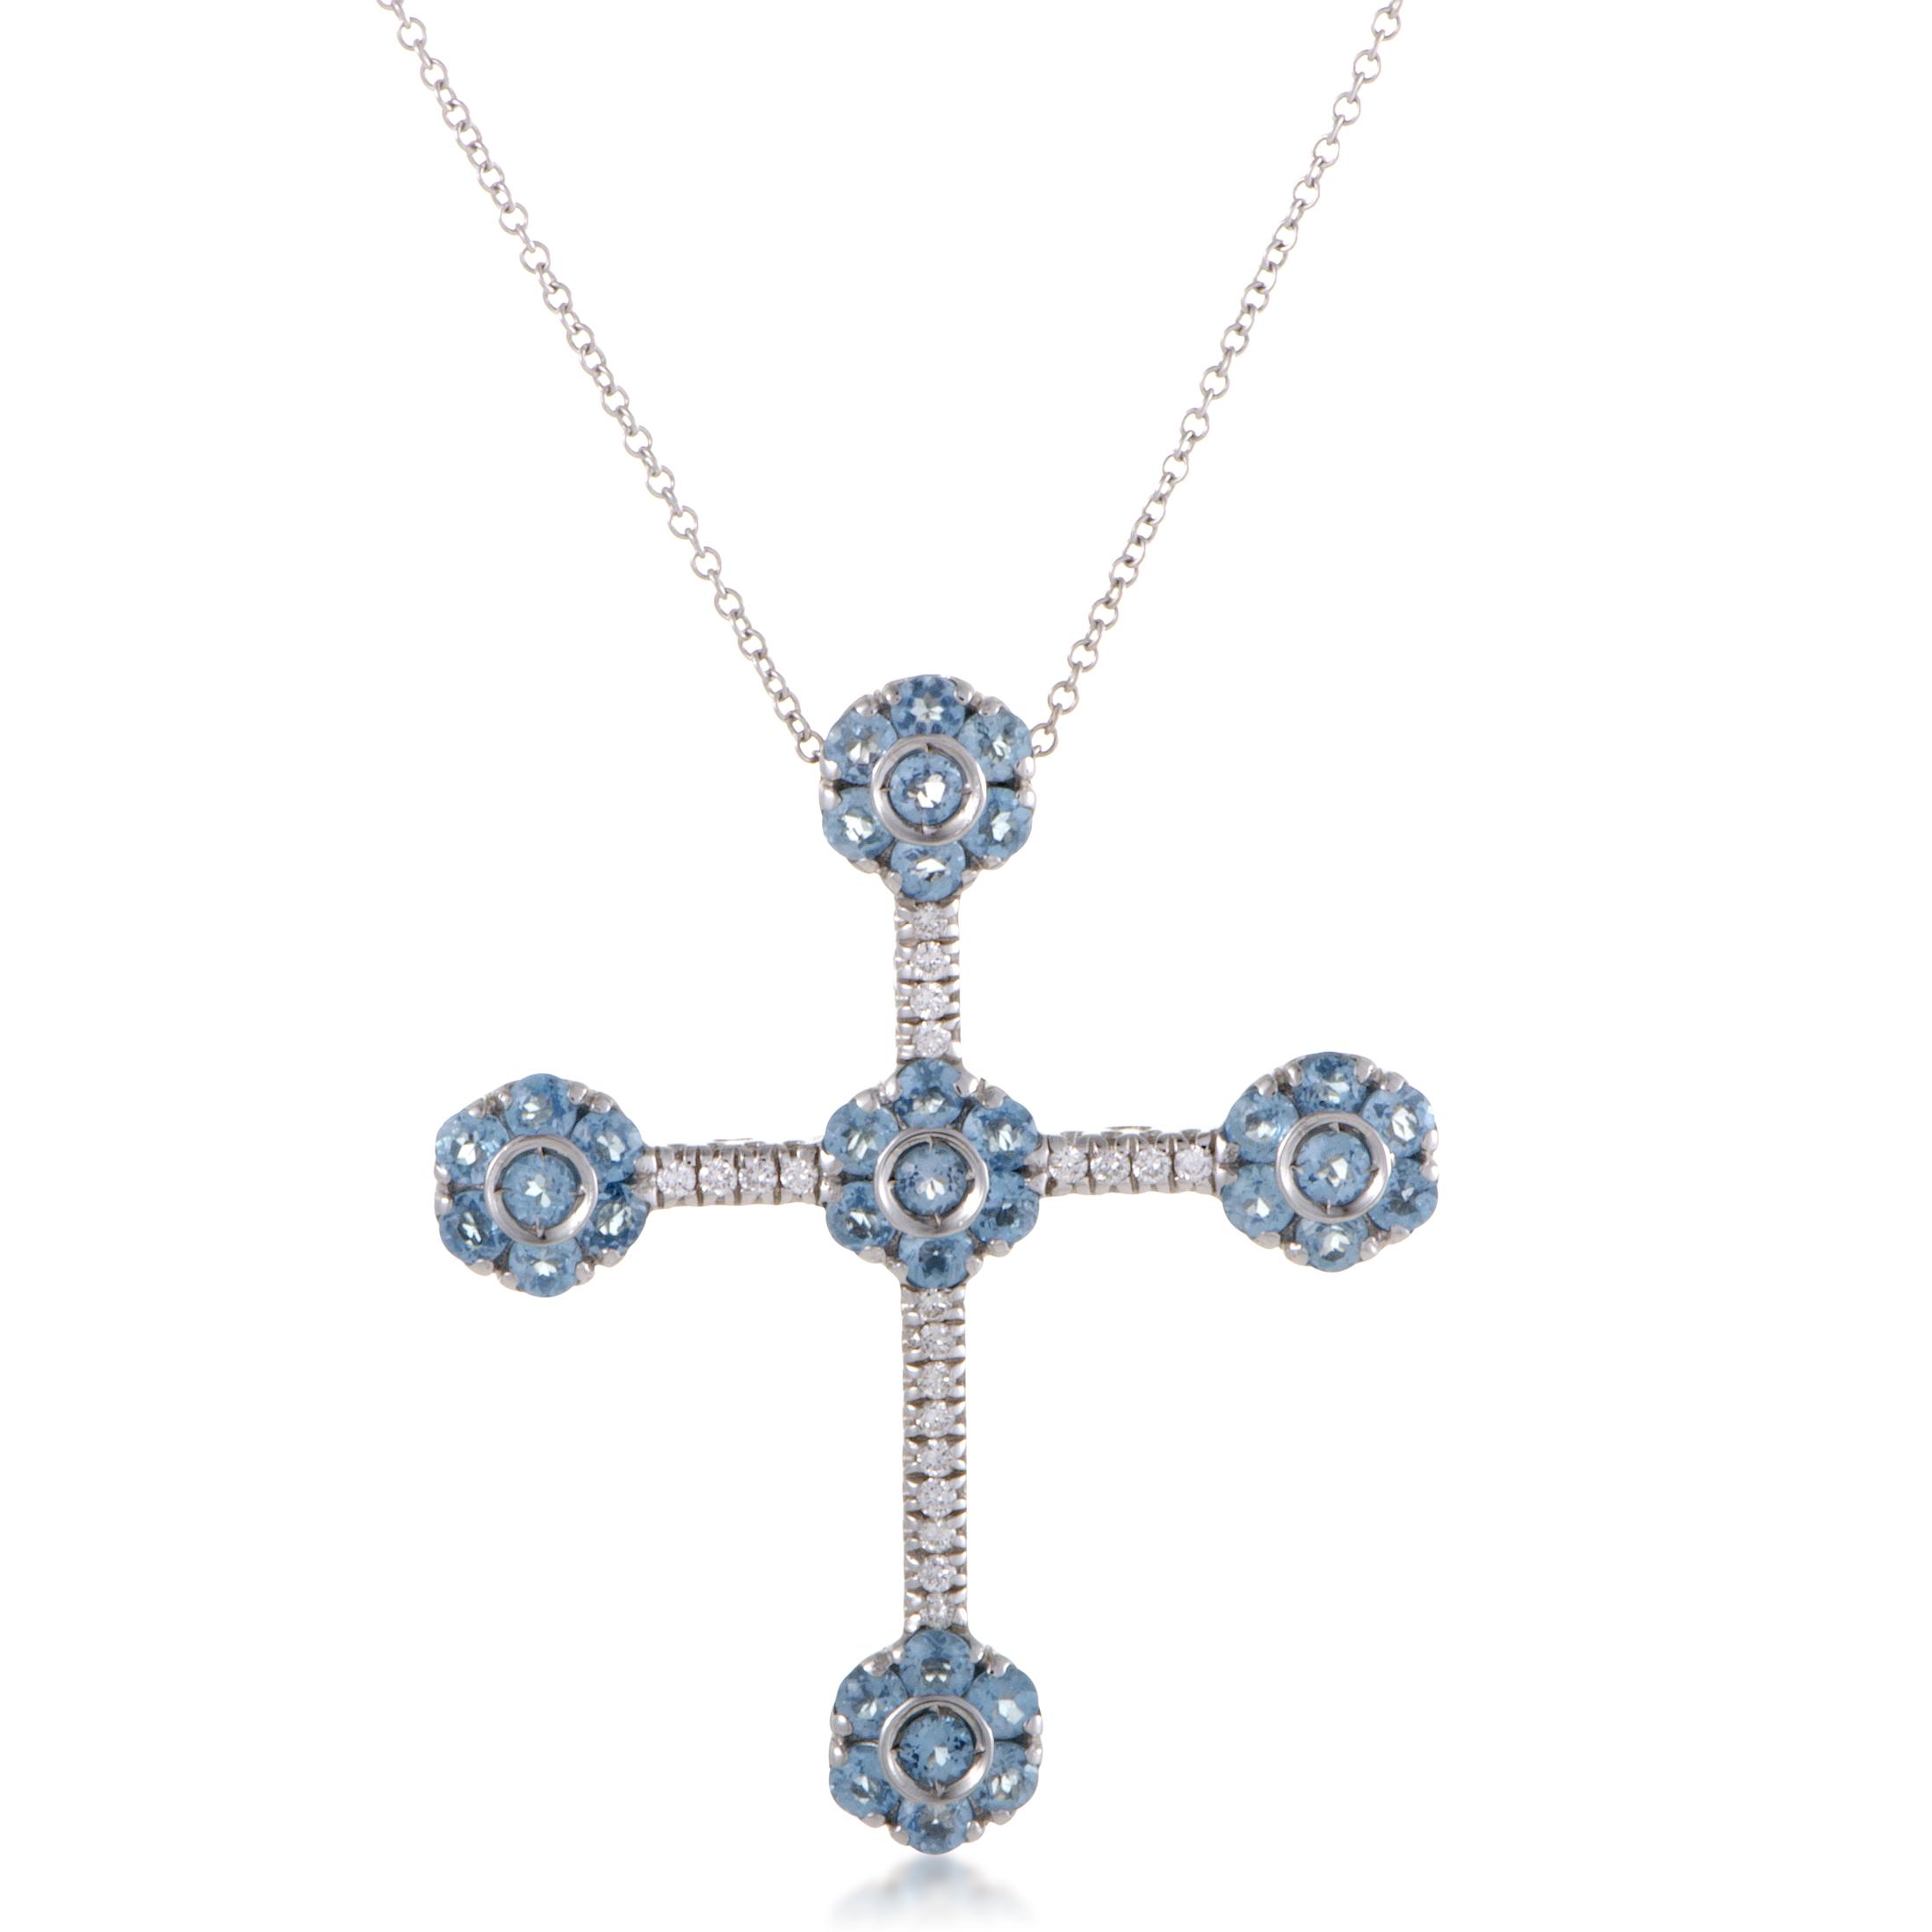 """""""""""Pasquale Bruni Fiori 18K White Gold Diamond and Topaz Cross Pendant"""""""""""" 1366560"""